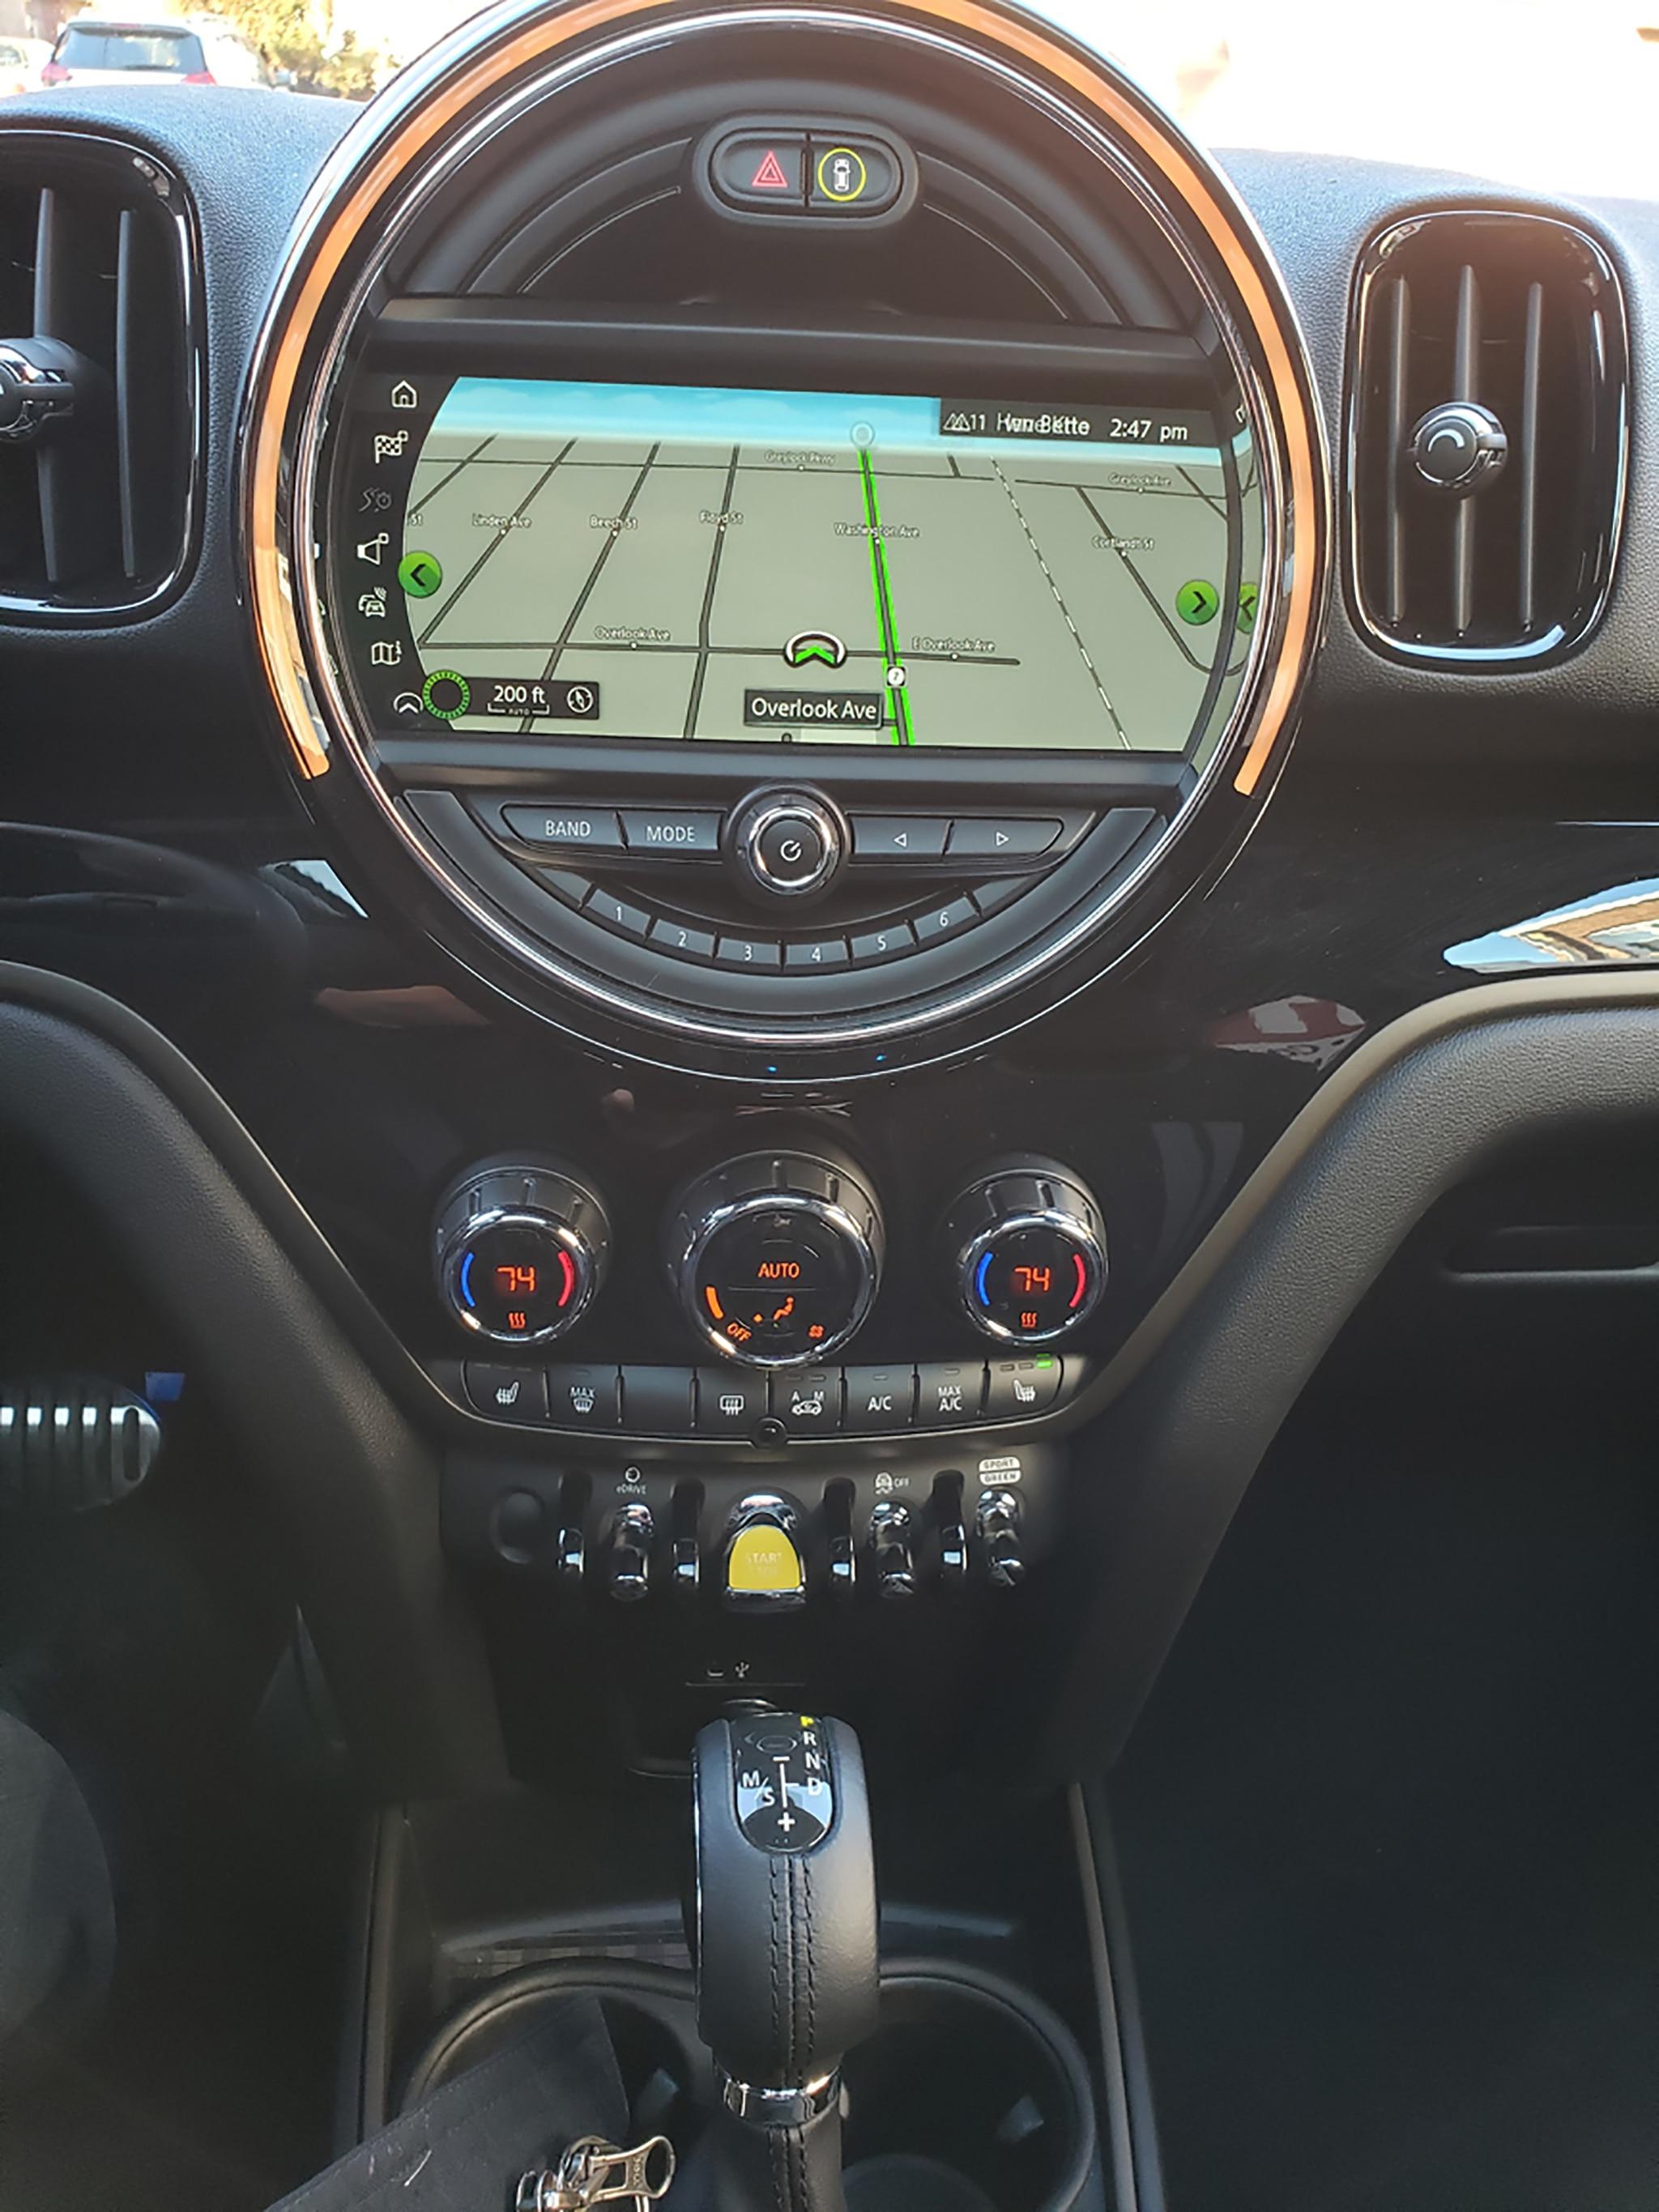 Mini Cooper All Wheel Drive >> 2019 Mini Countryman Plug-In Hybrid Review: A Mini